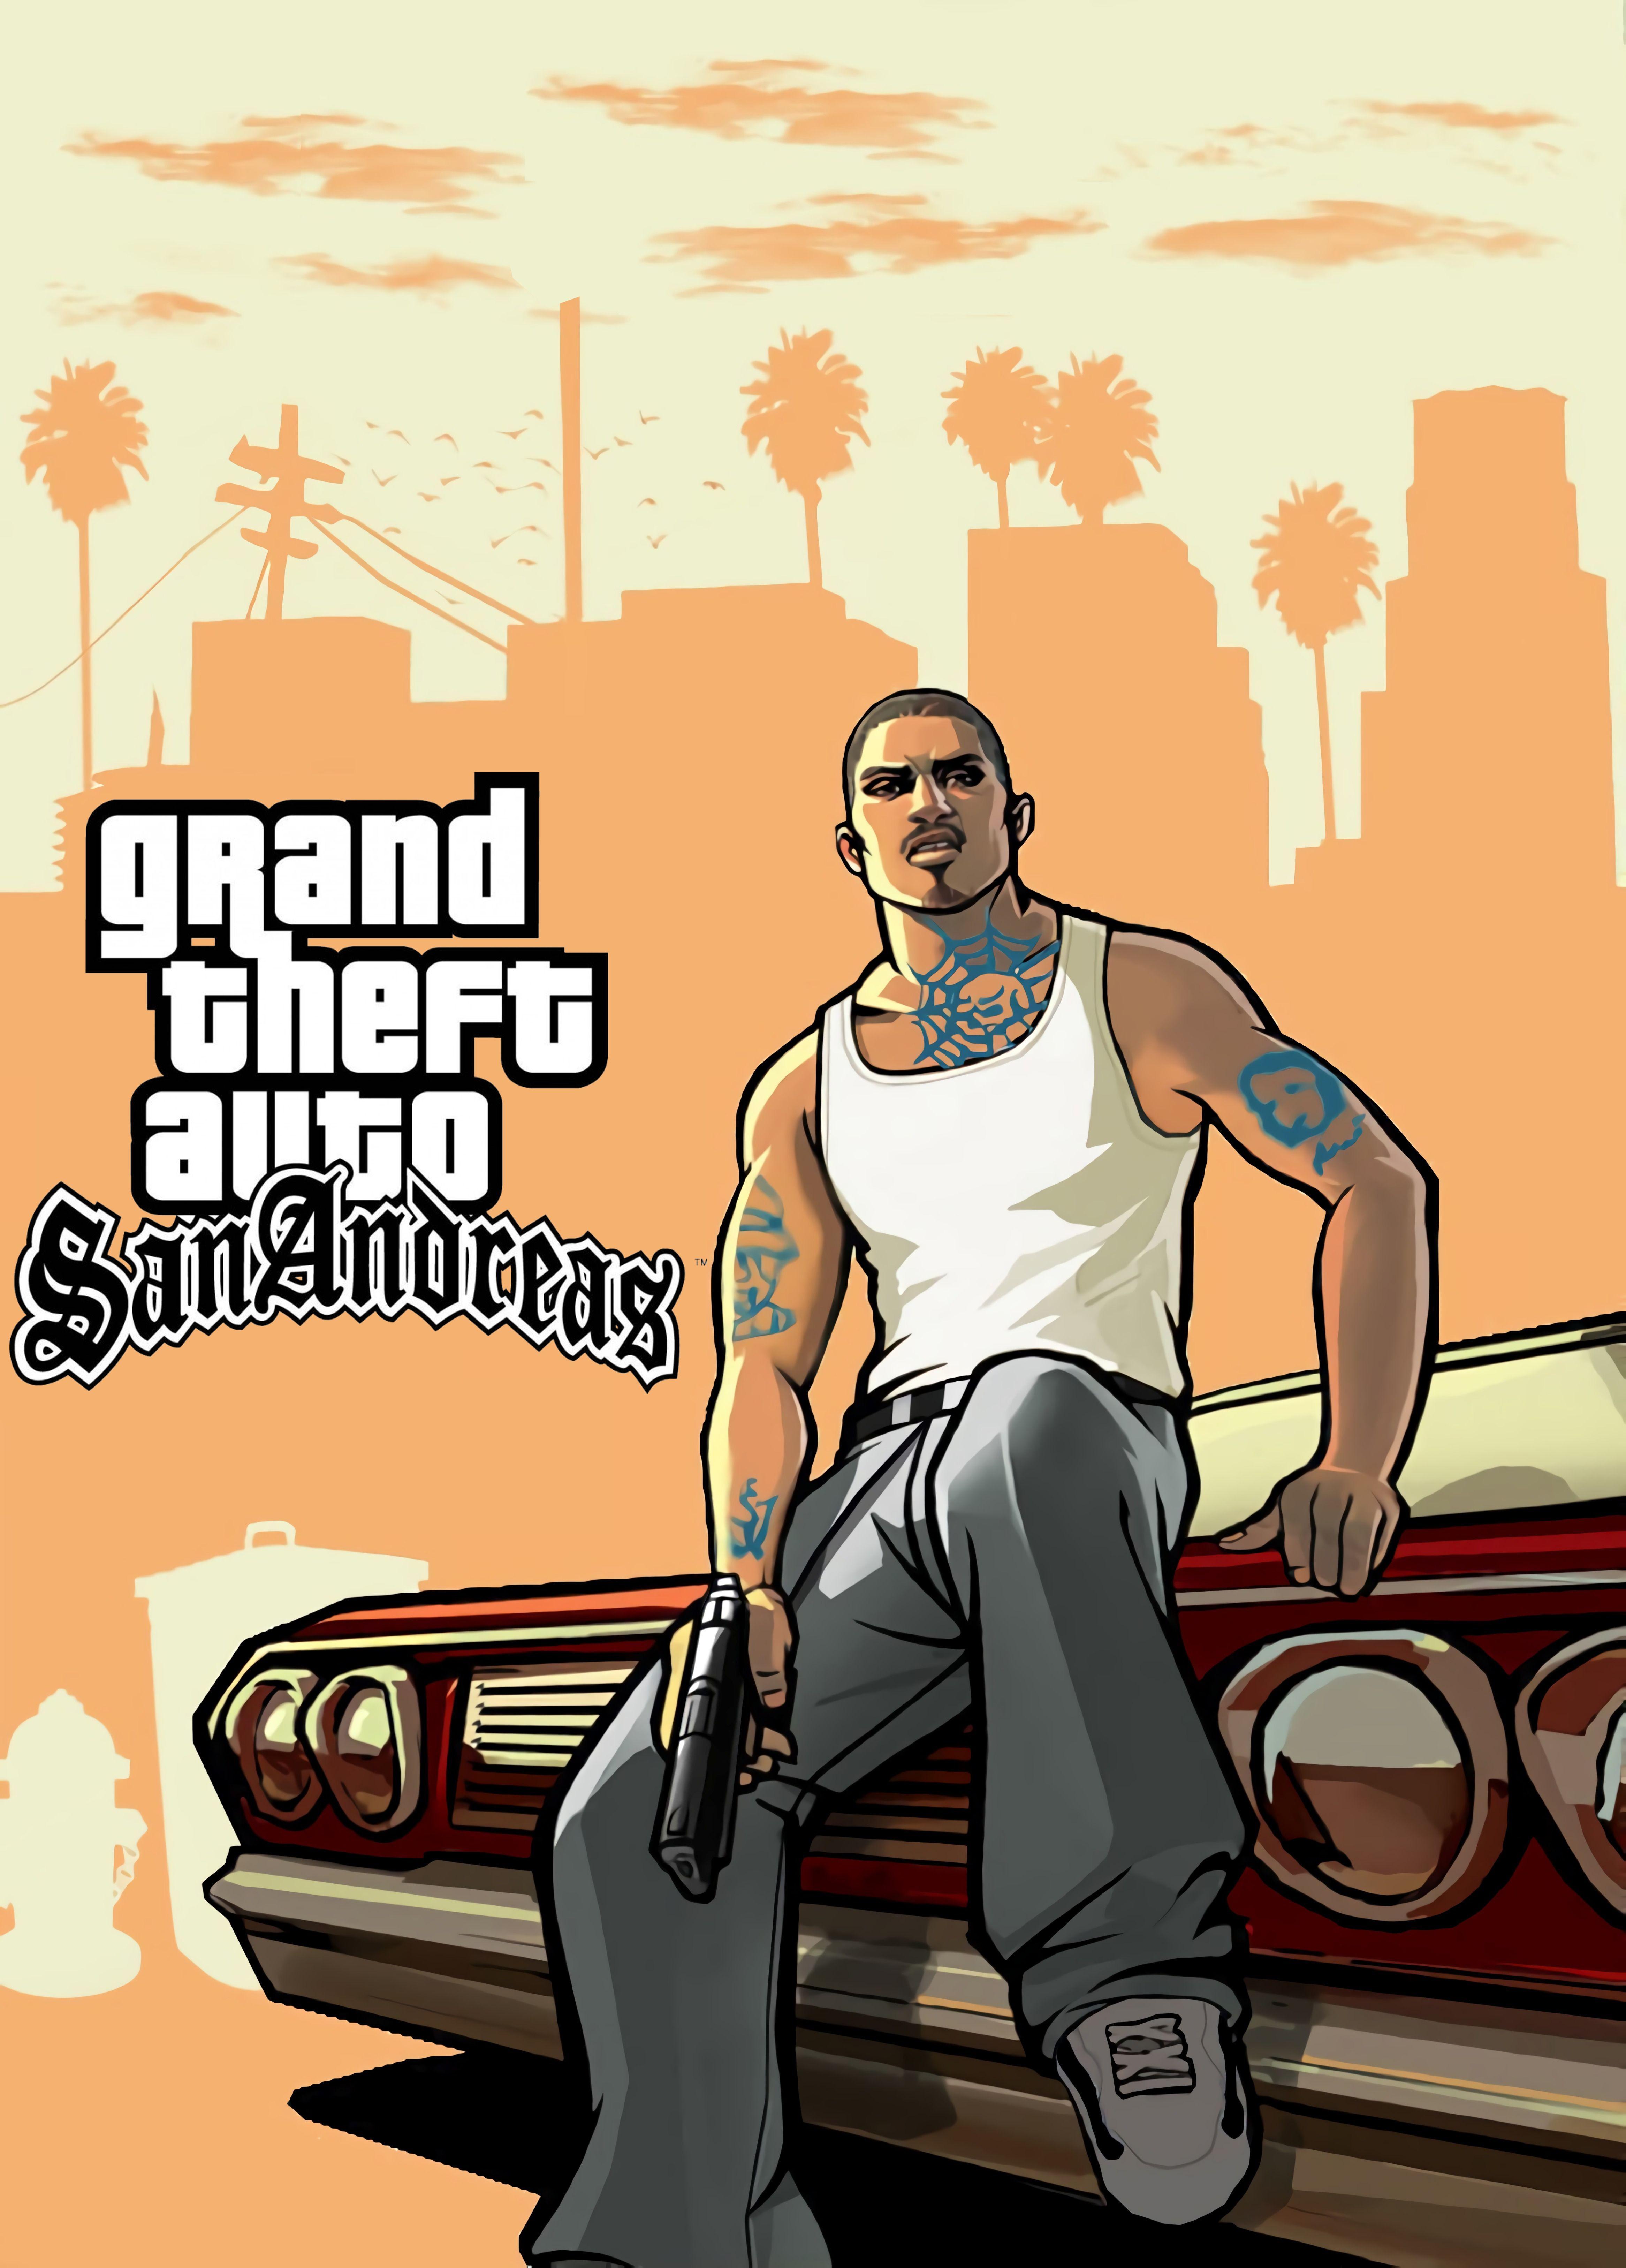 Gta San Andreas Cesar Vialpando By Tiagootaku59 On Deviantart San Andreas Gta San Andreas Grand Theft Auto Grand Theft Auto Artwork